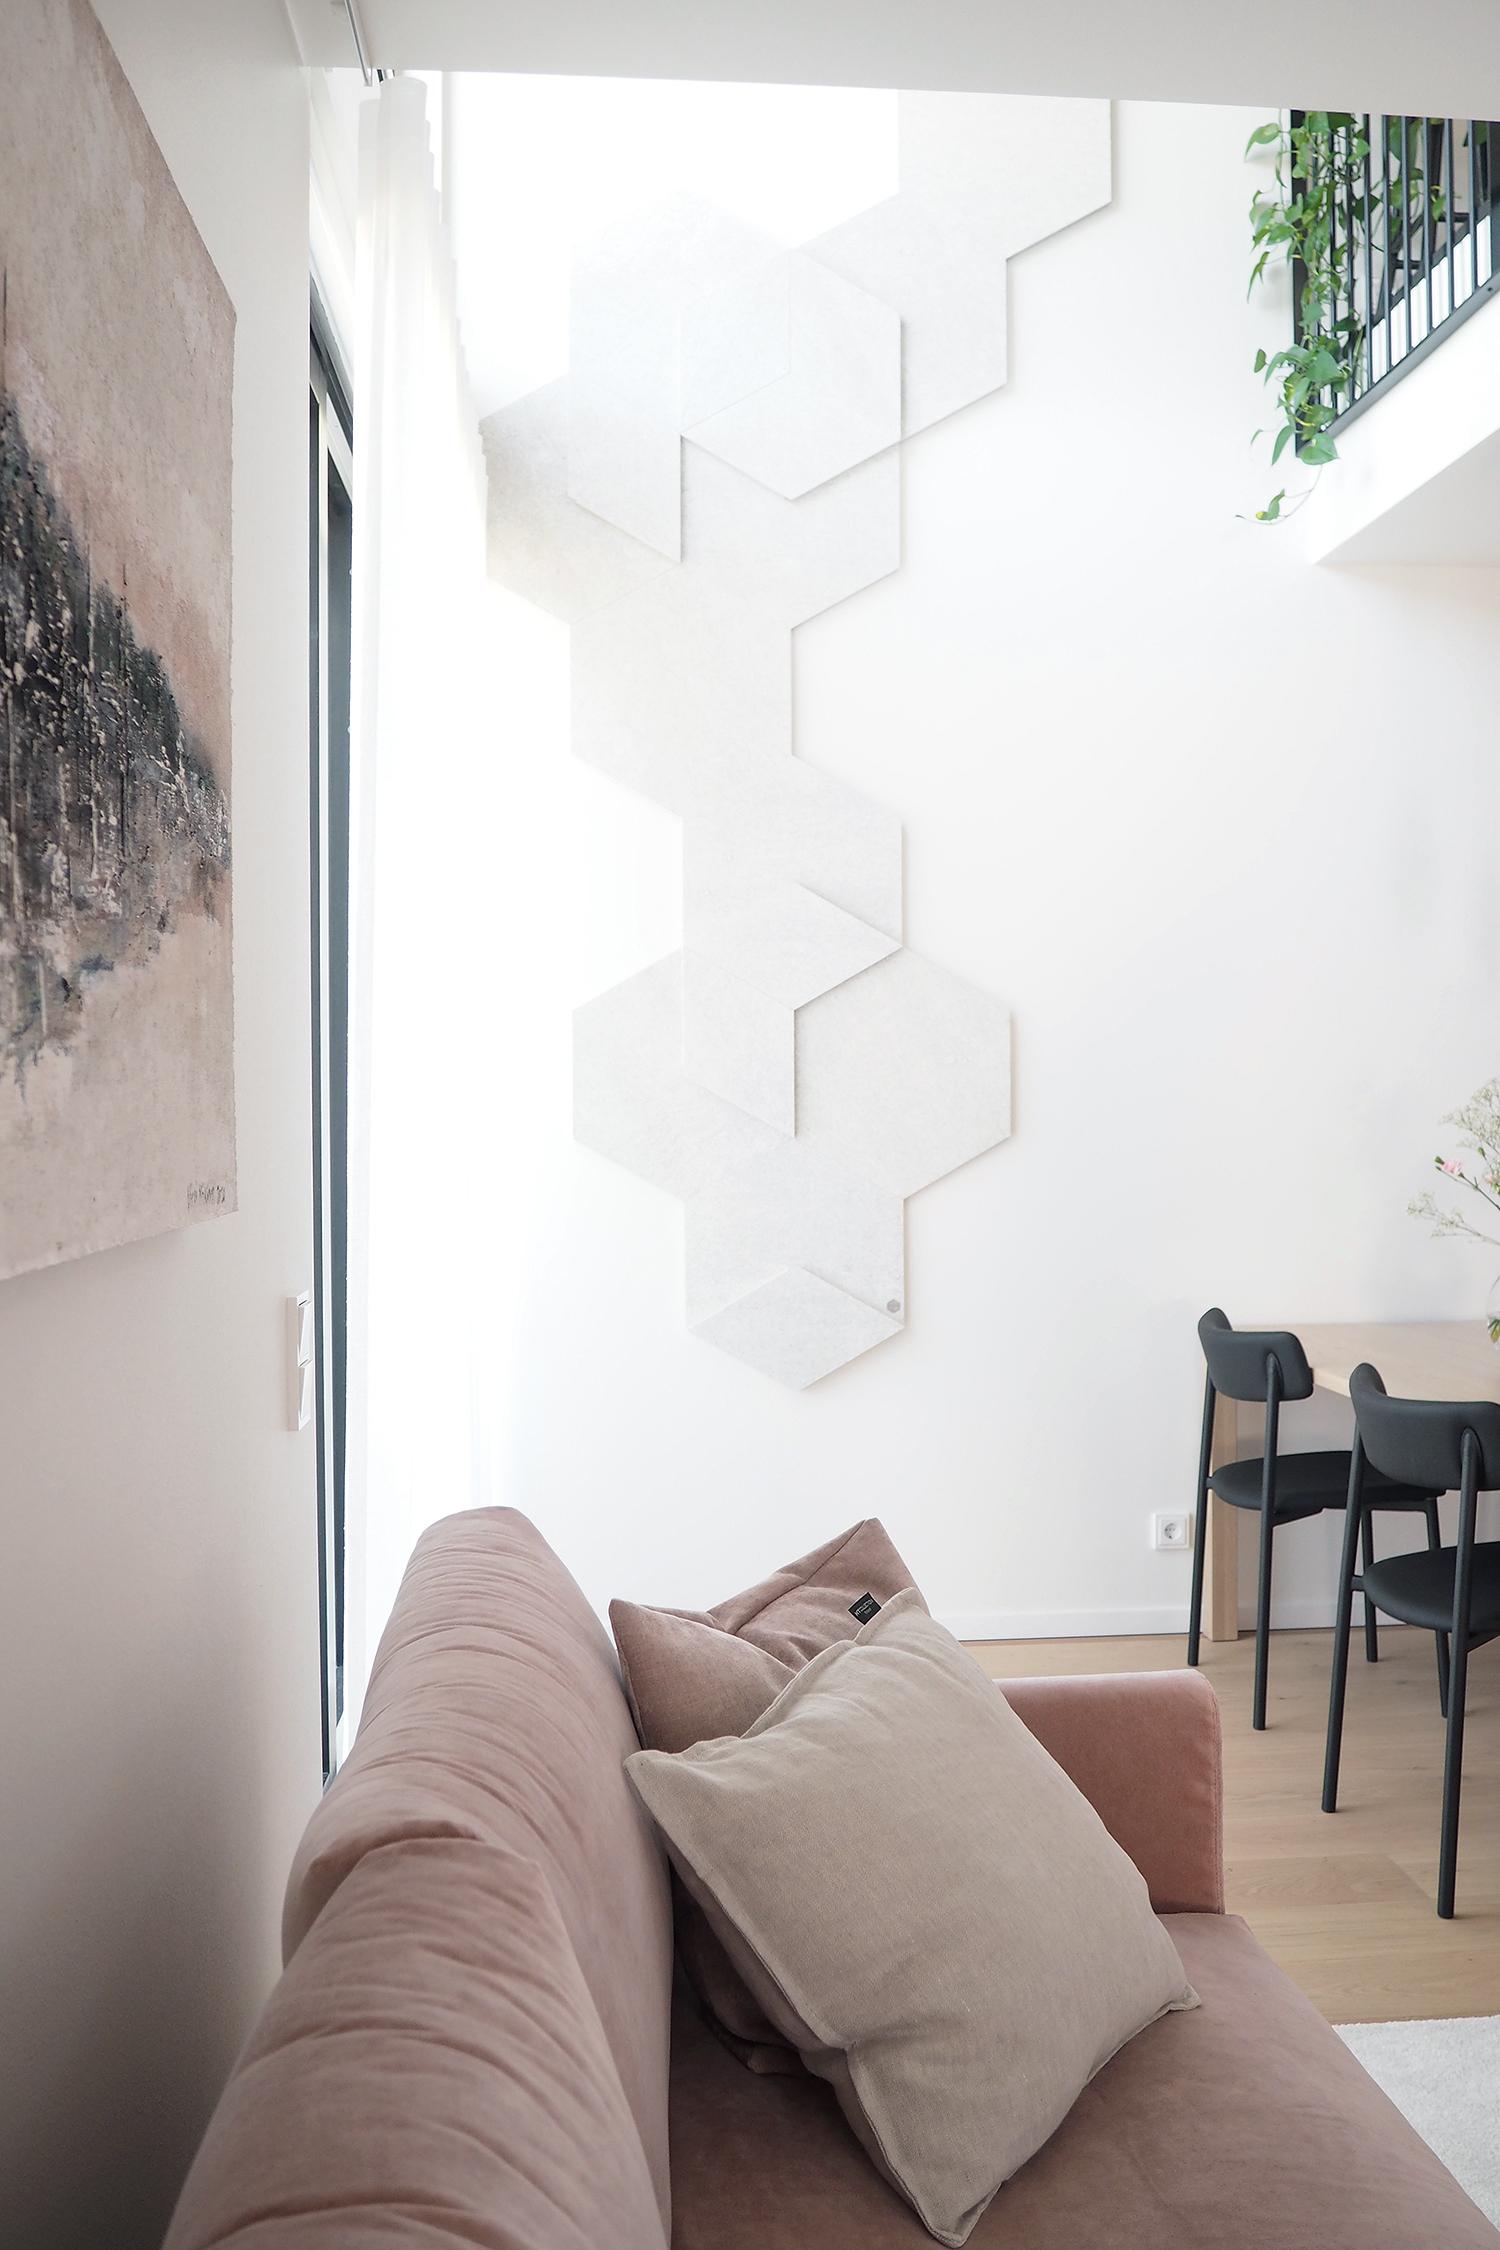 Char and the city, www.charandthecity.com, Lammi Kivitalo, Asuntomessut 2020, Duplio Aalto & Tynell